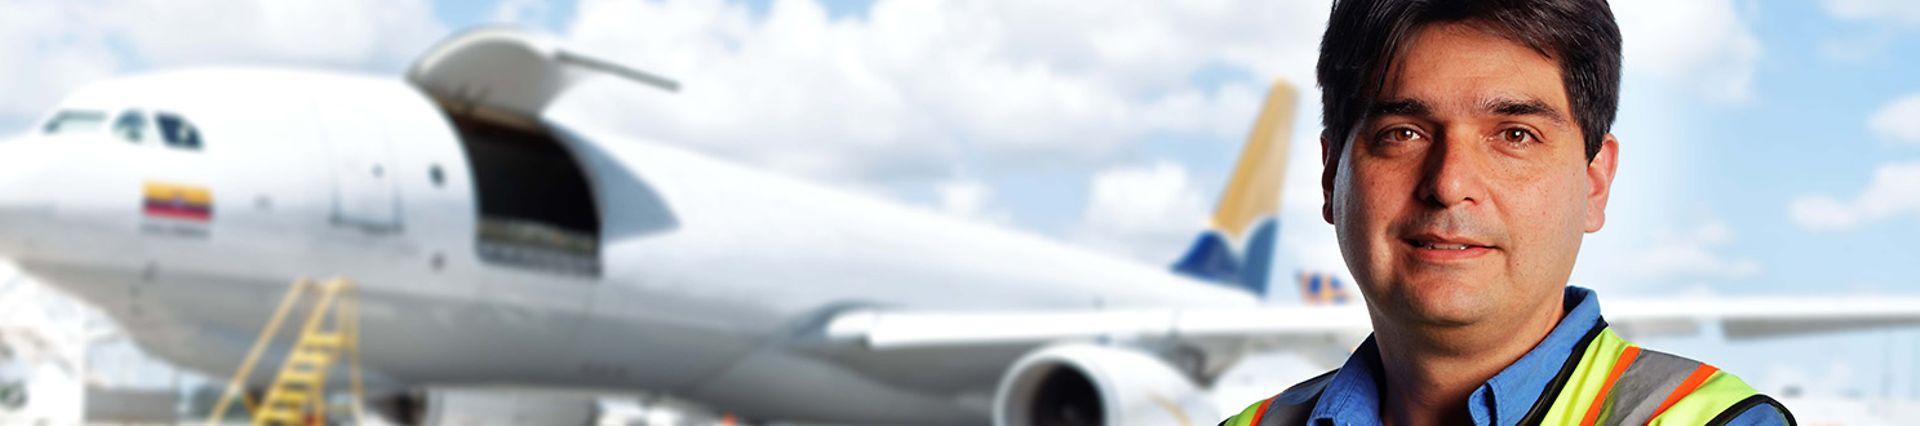 DB_Schenker_M14_Professional Blue White Collar Male_Airplane